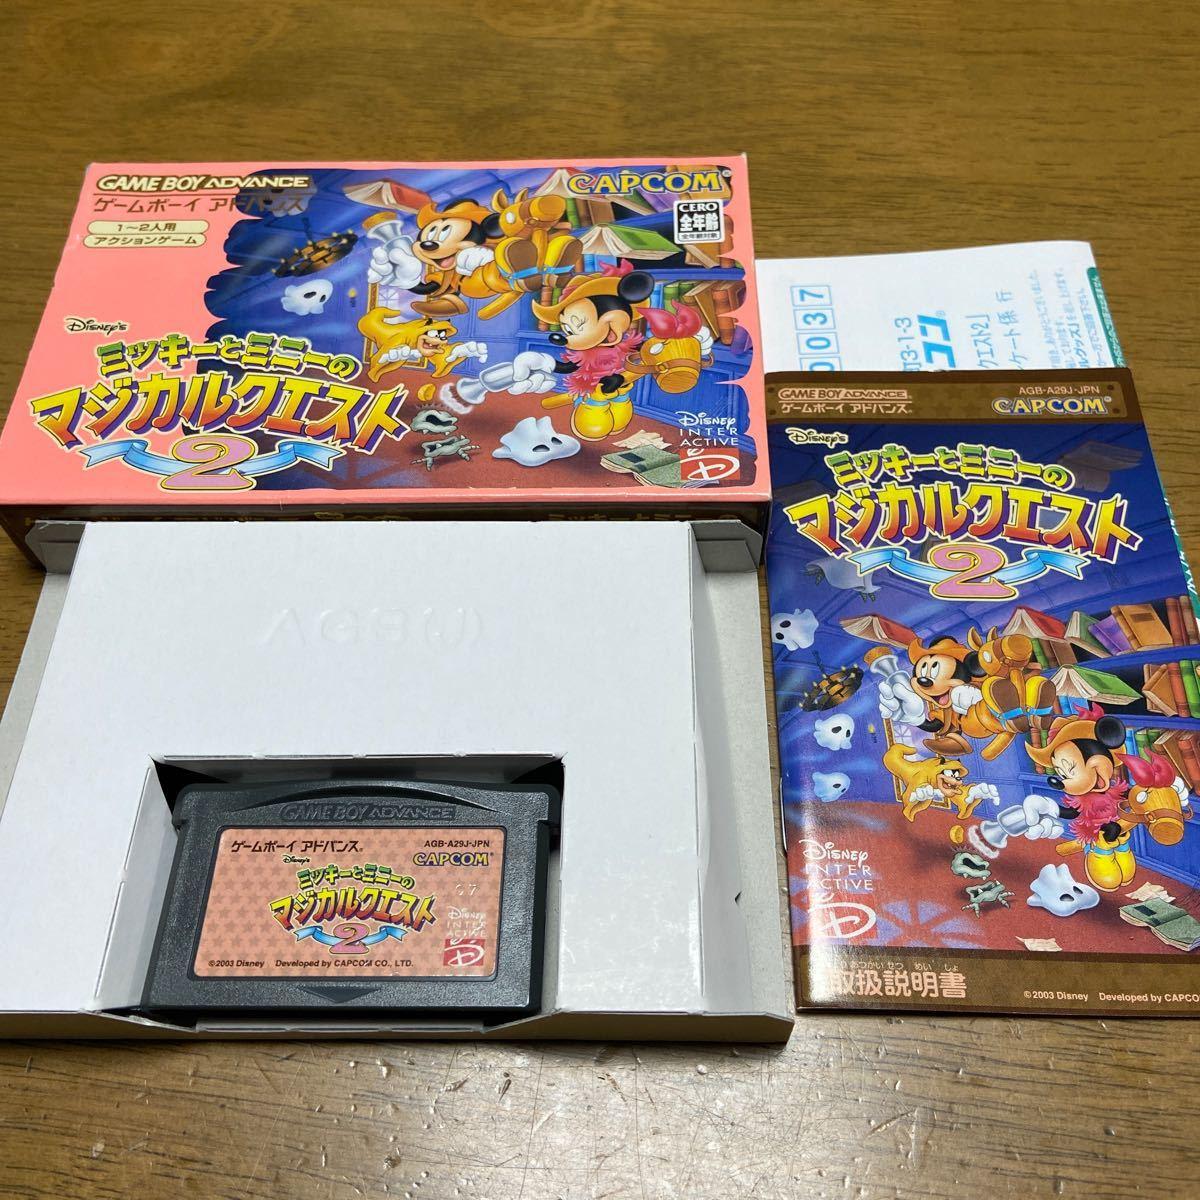 ゲームボーイアドバンスソフト ミッキーとミニーのマジカルクエスト2 カプコン アクションゲーム ディズニー